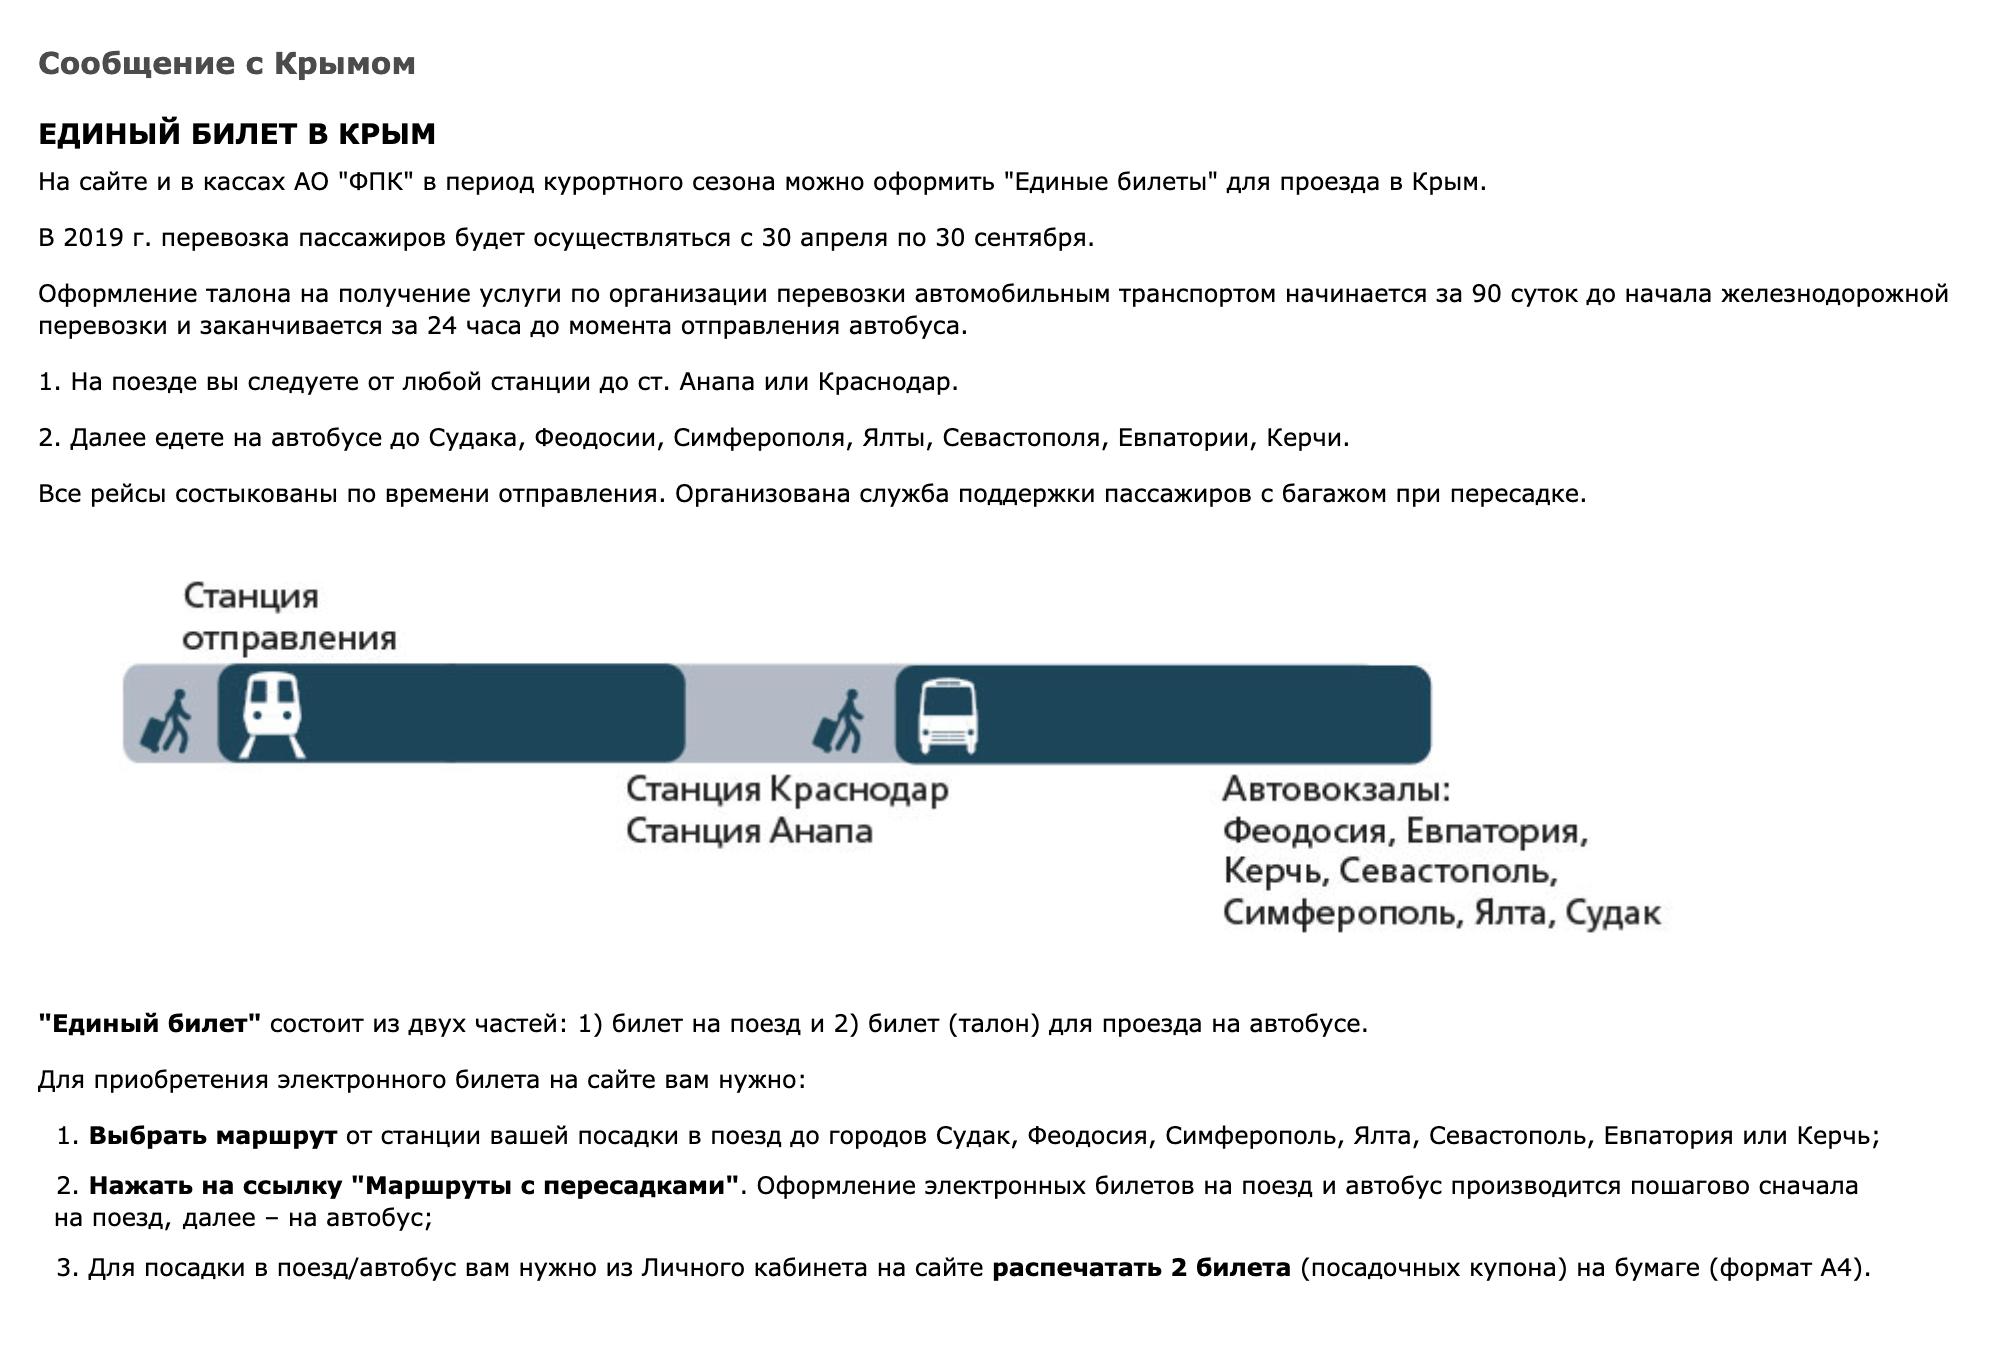 РЖД предлагает доехать из Уфы до Краснодара, затем на автобусе до Евпатории. Пересадка между поездом и автобусом — 42 минуты